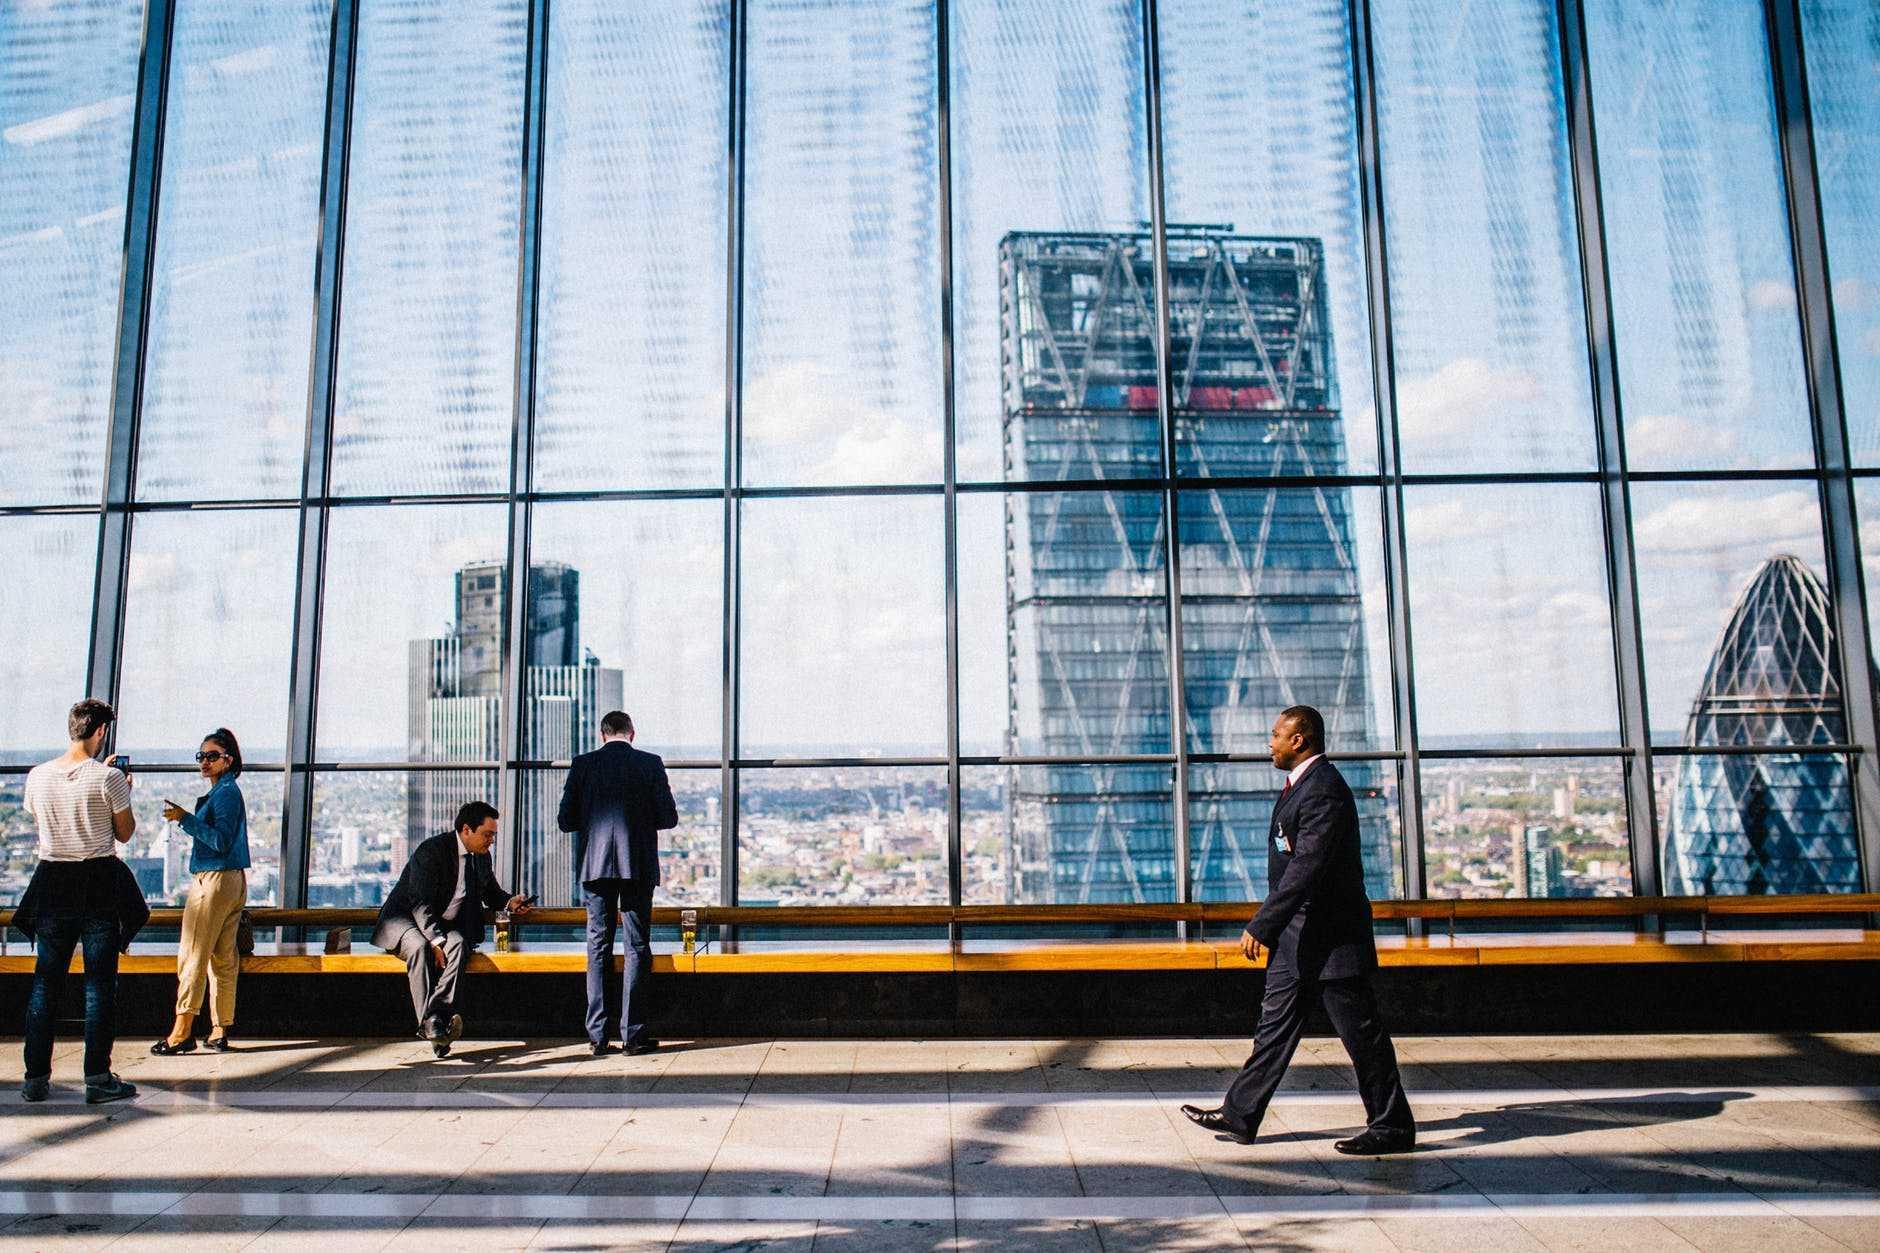 Quattro lezioni da imparare per reclutare le persone migliori per la tua impresa